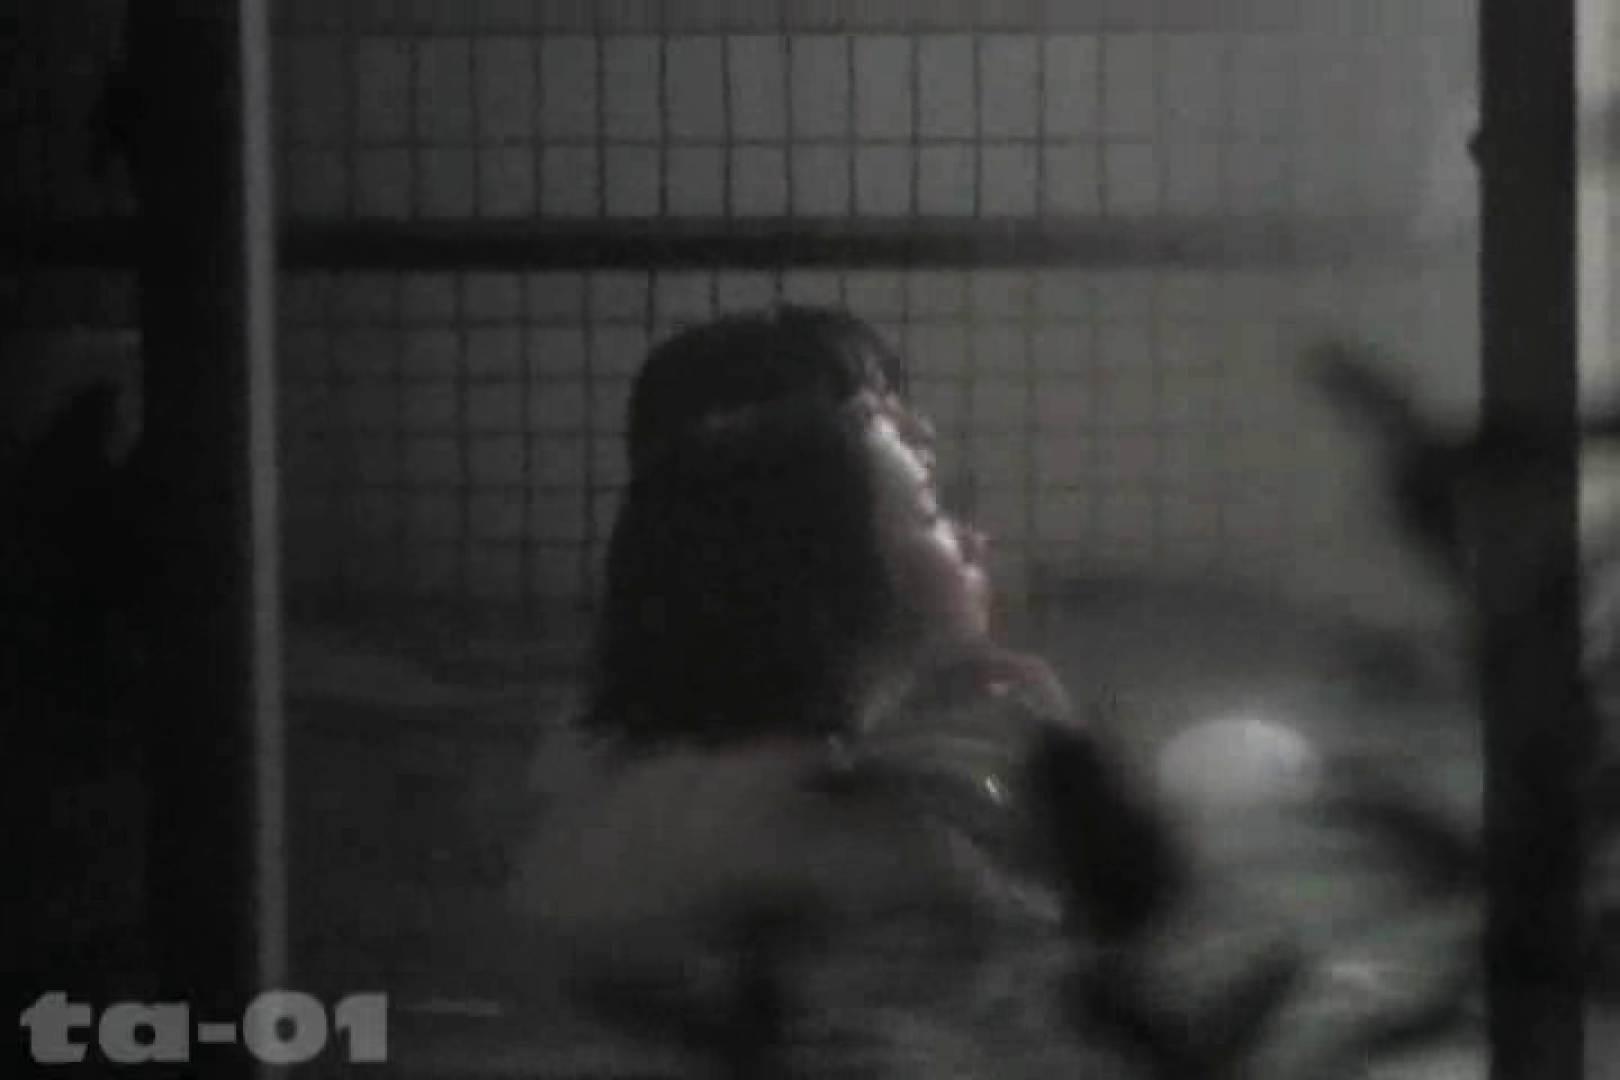 合宿ホテル女風呂盗撮高画質版 Vol.01 ホテル | 合宿  53連発 19